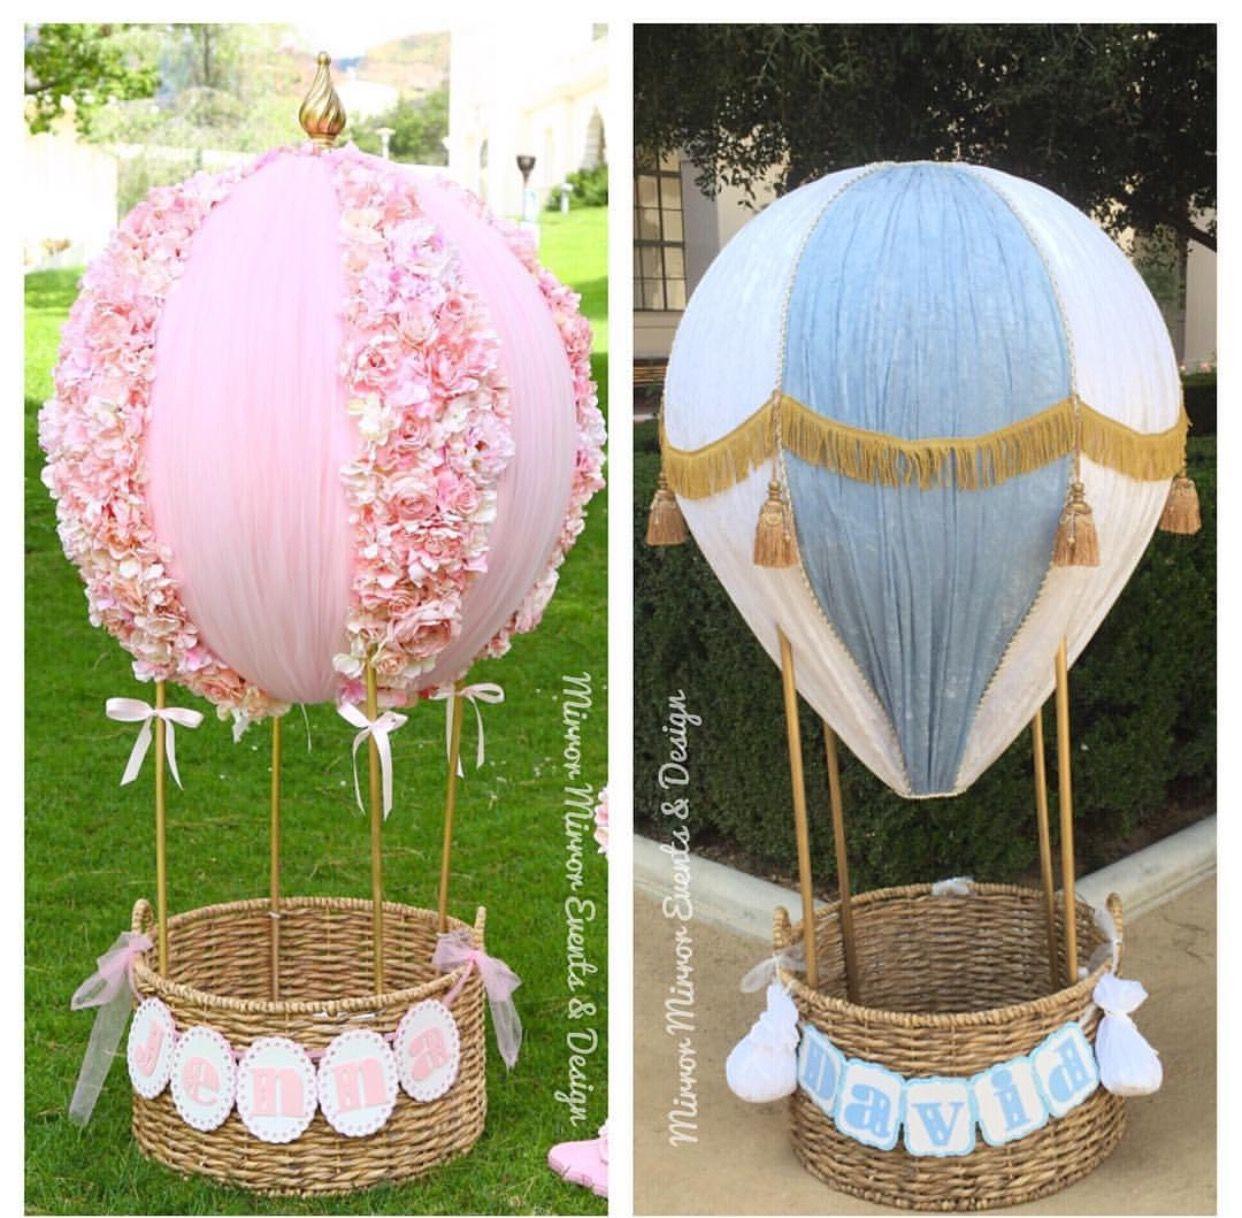 воздушный шар с корзиной для фотосессии земле